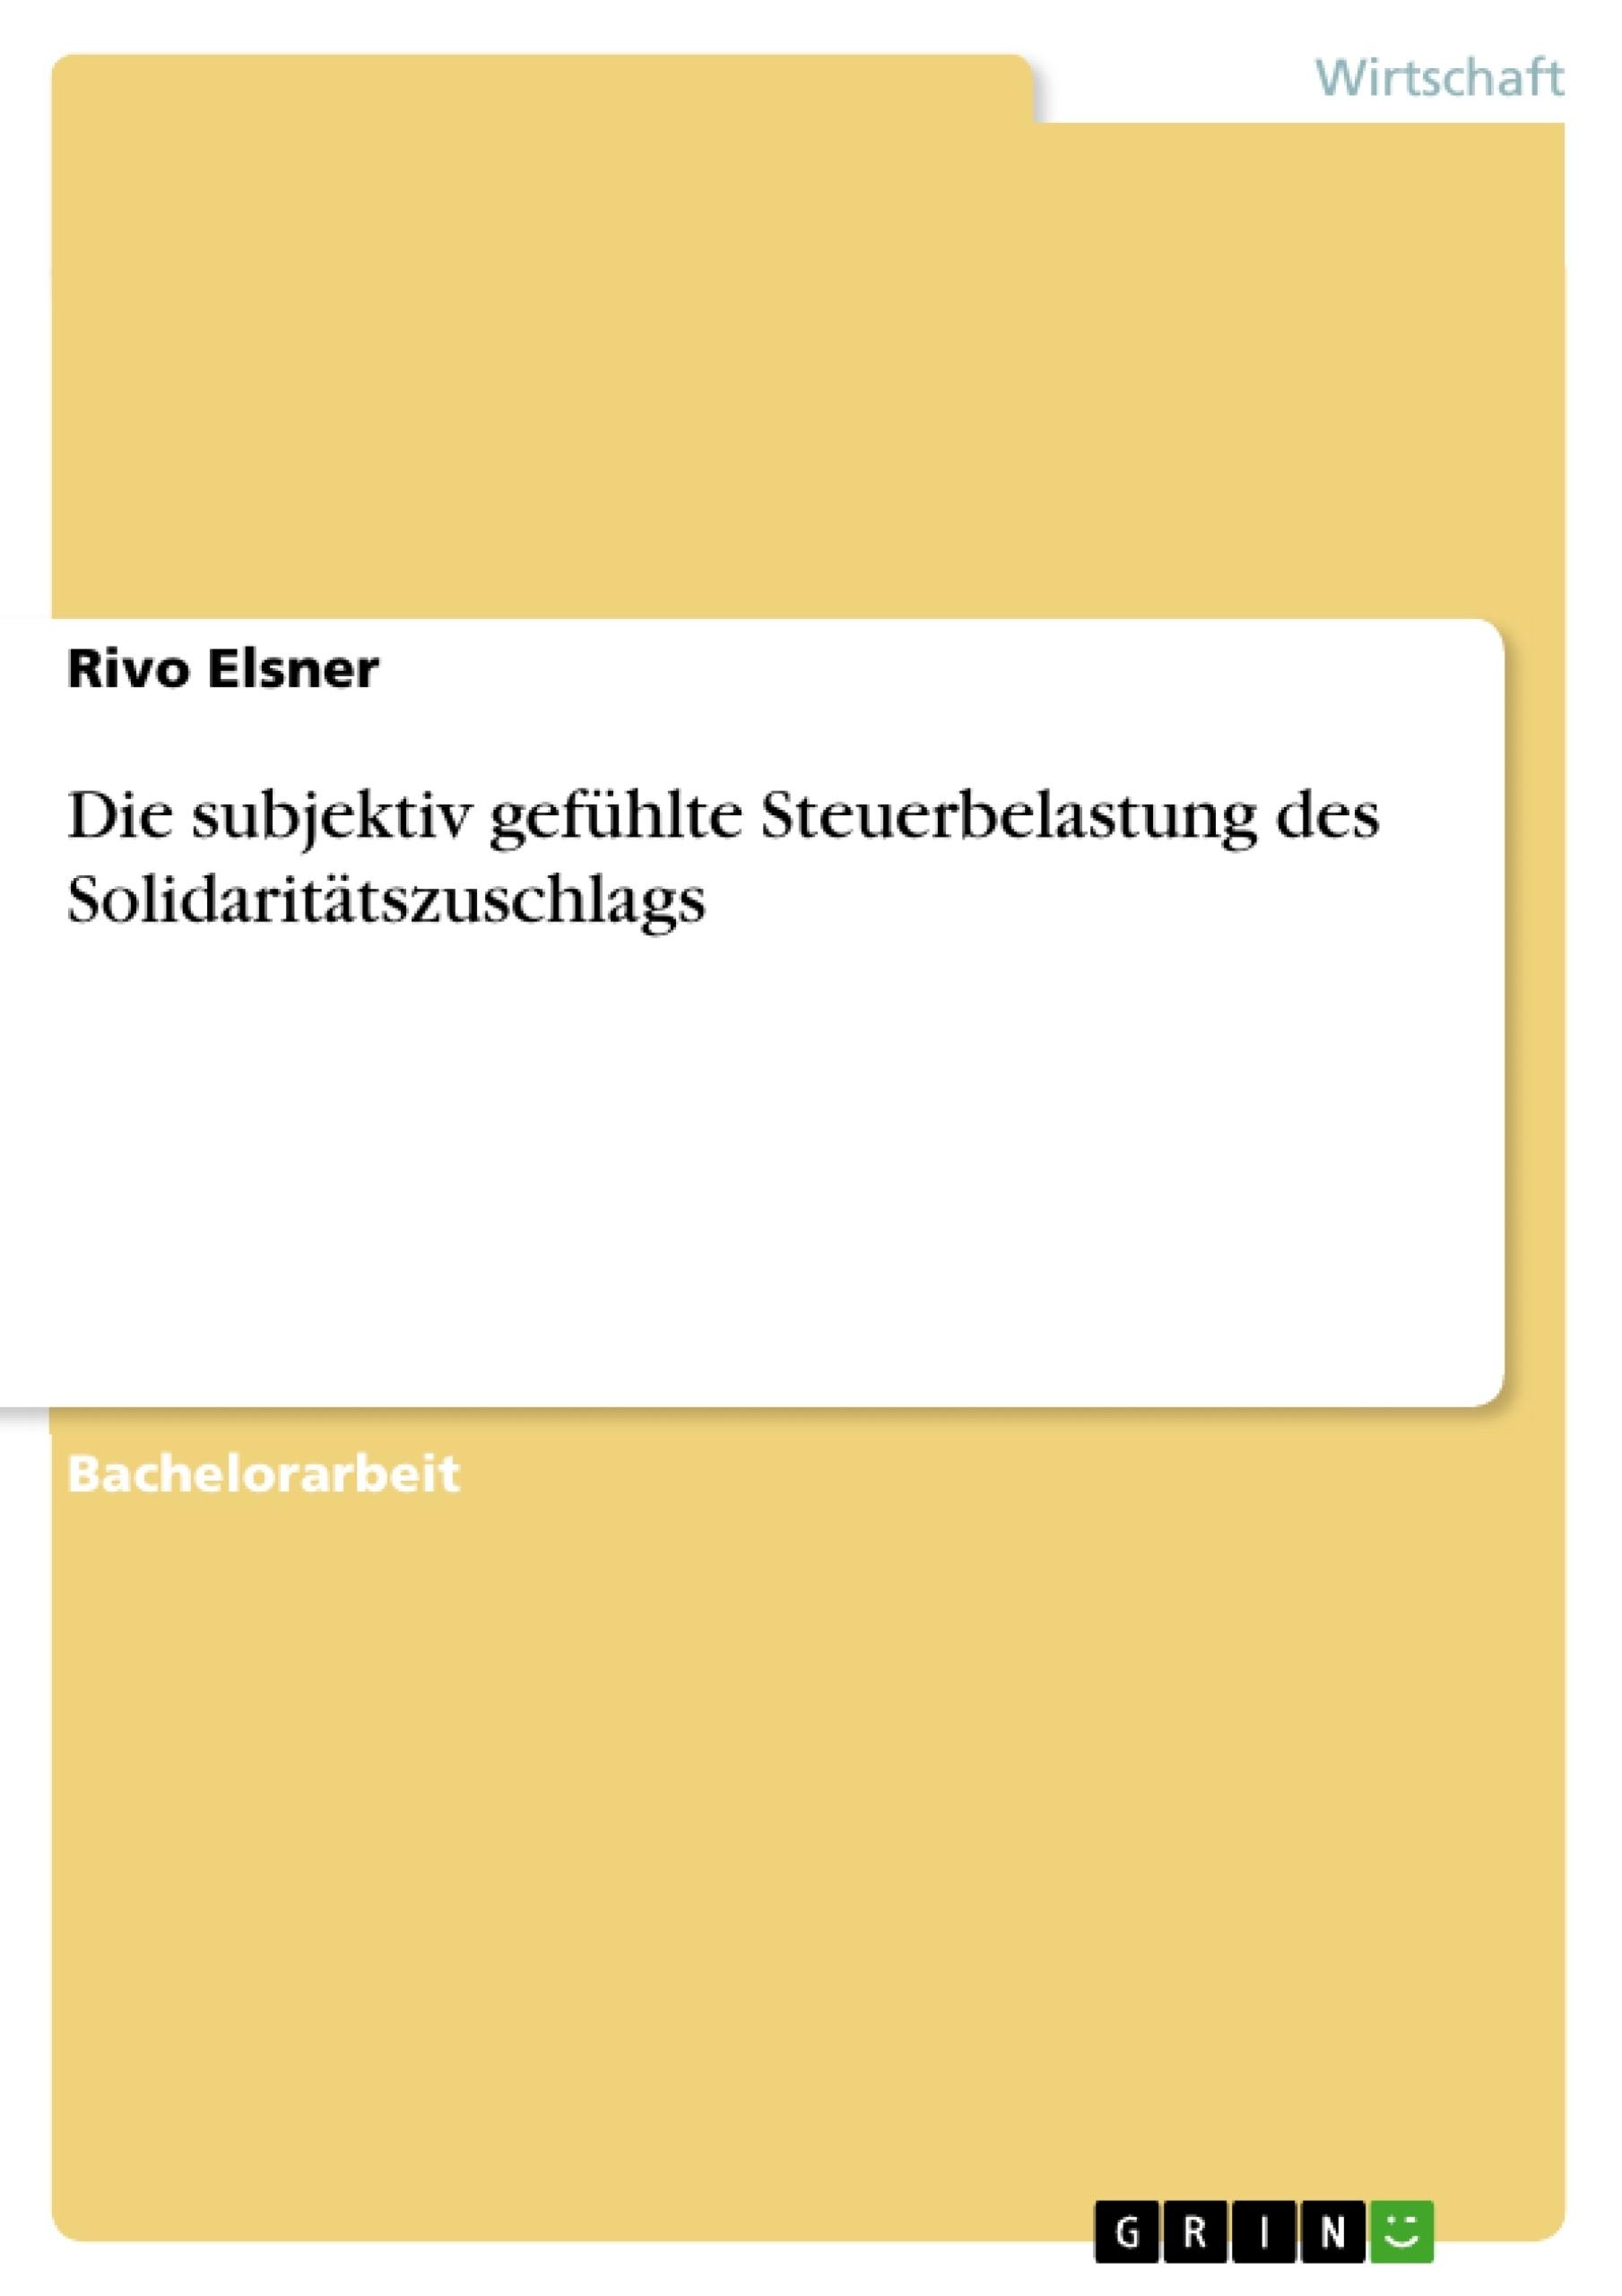 Titel: Die subjektiv gefühlte Steuerbelastung des Solidaritätszuschlags